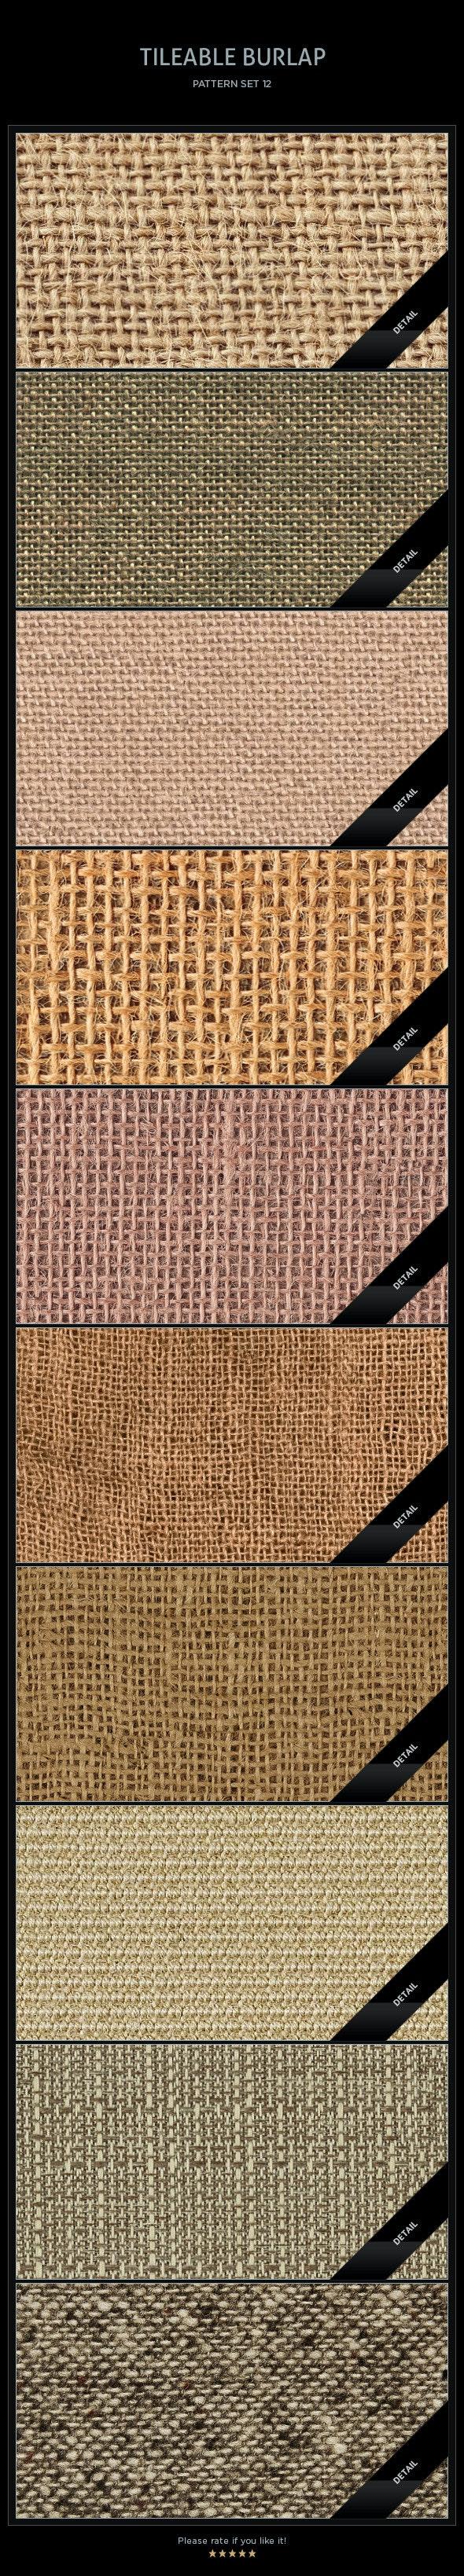 10 Tileable Burlap Textures/Patterns - Miscellaneous Textures / Fills / Patterns